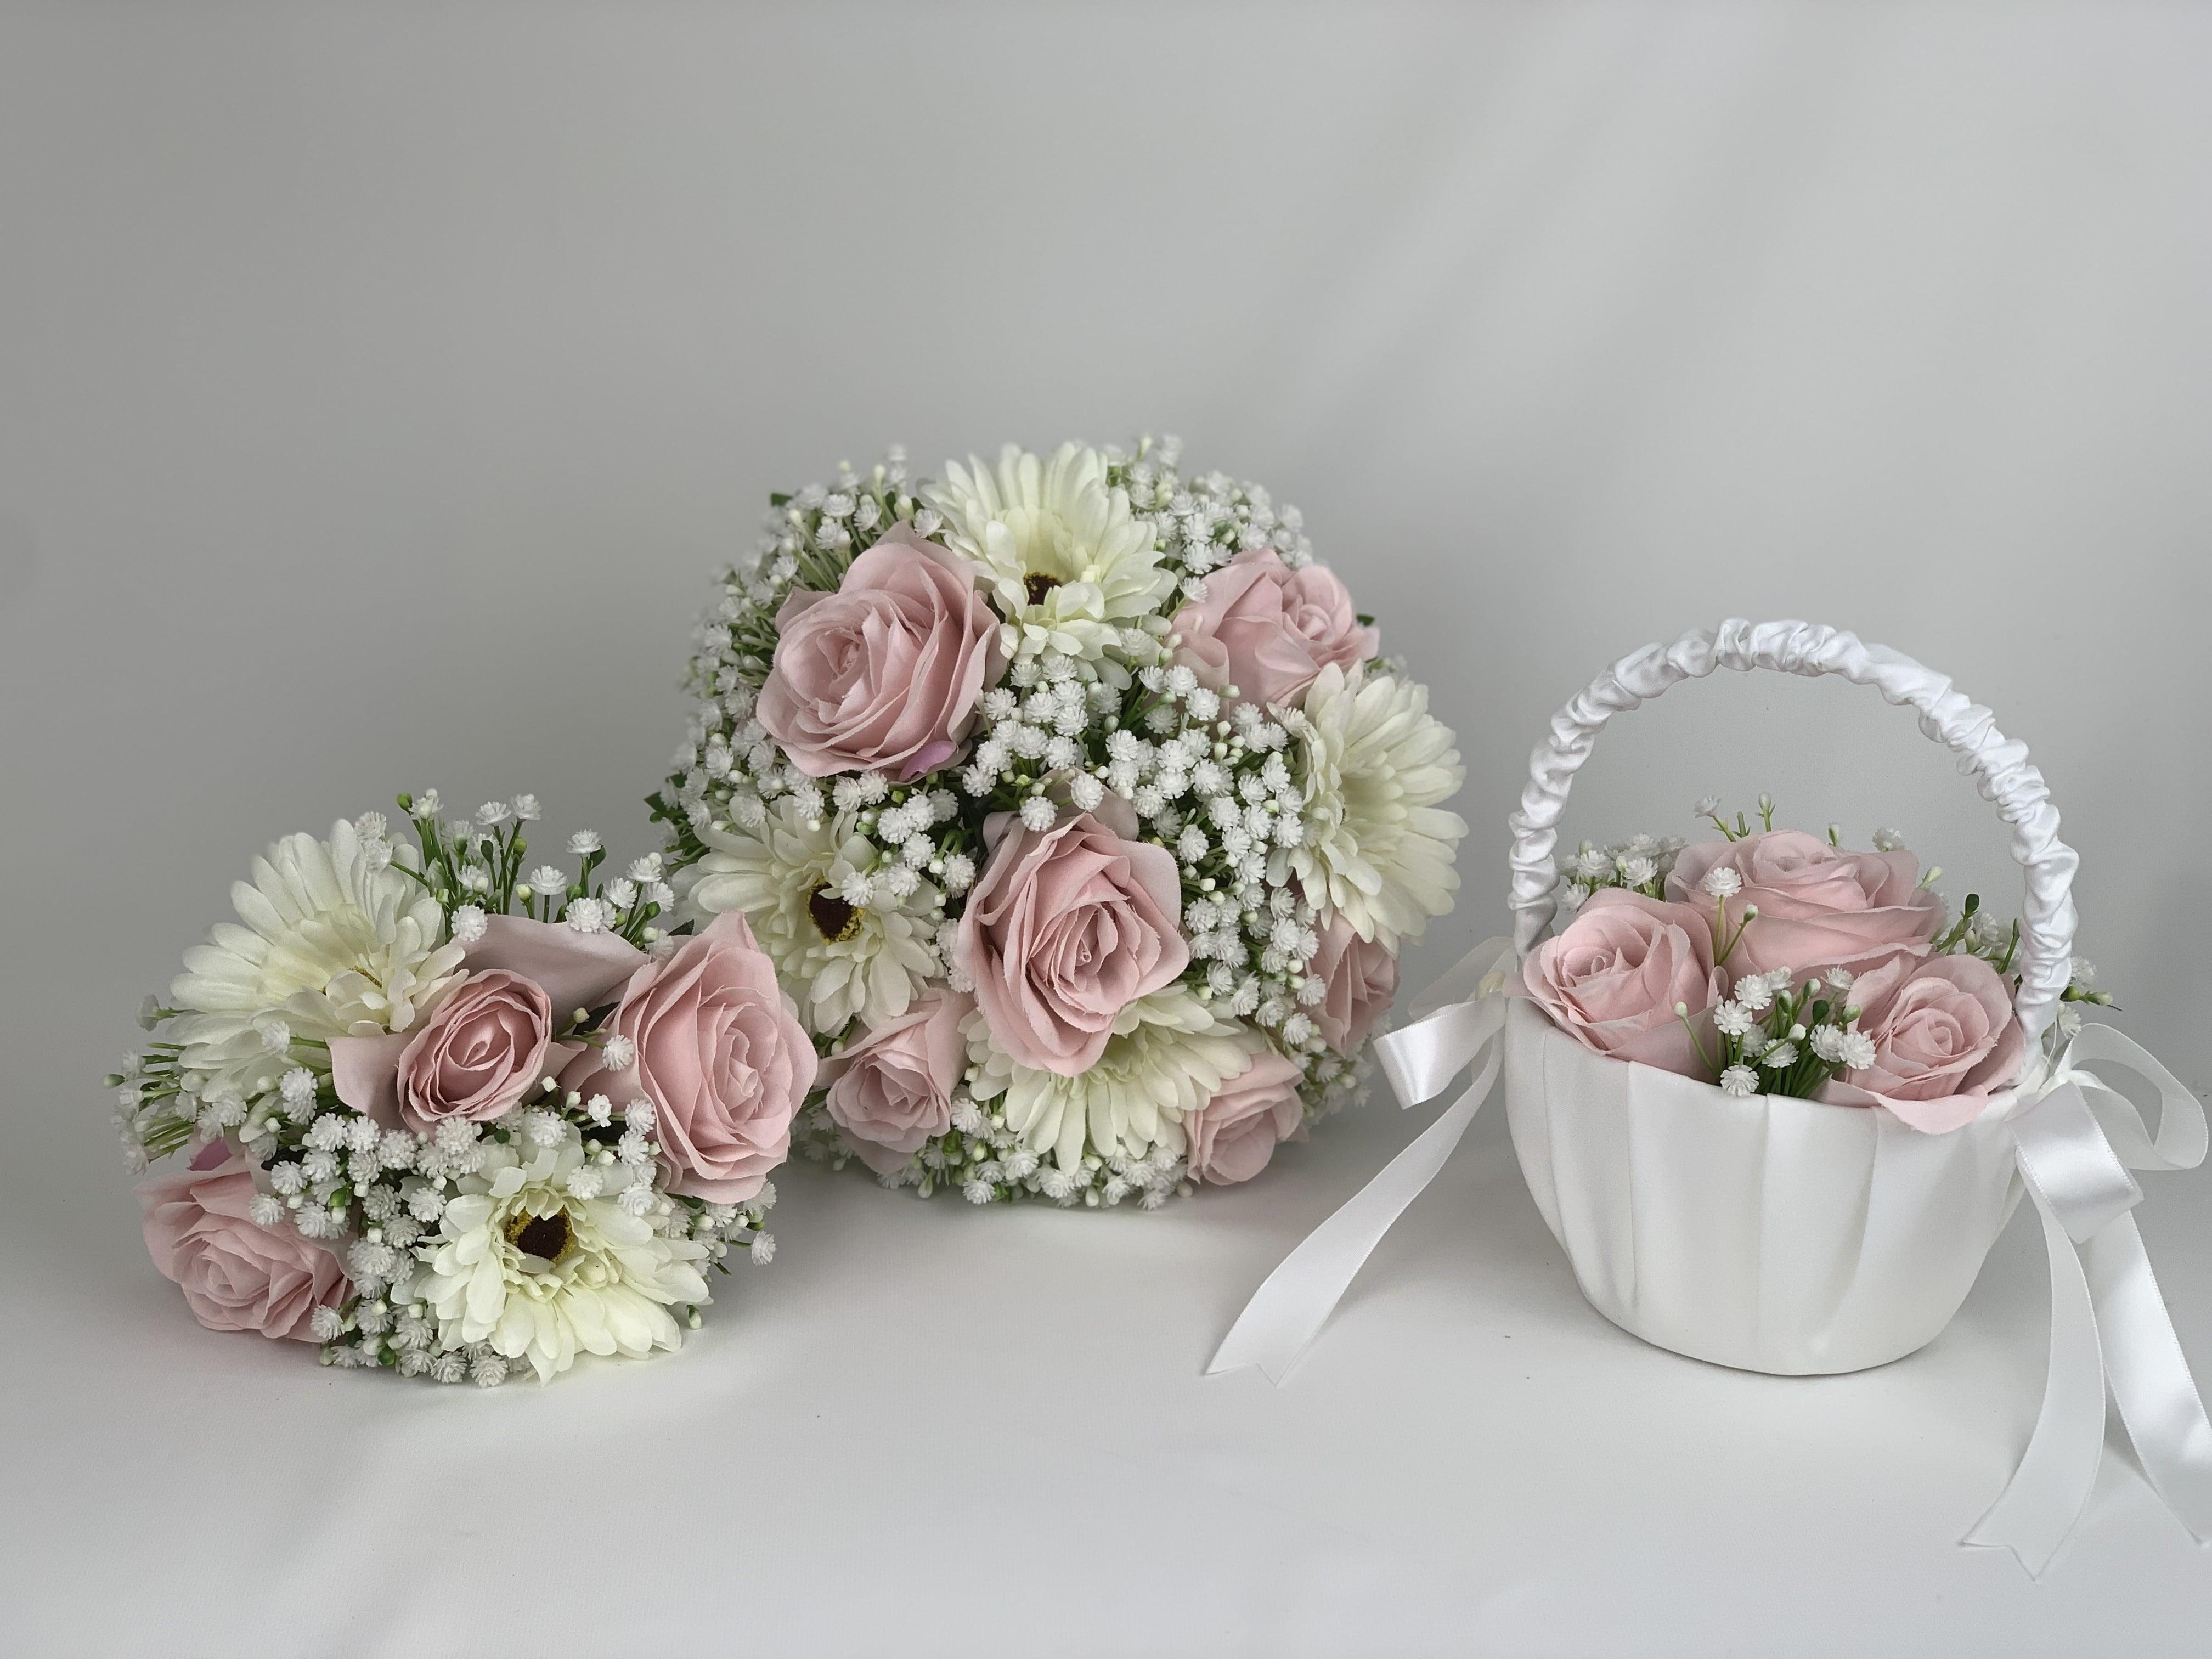 Artificial Wedding Flowers Package Gerbera Gypsophila Roses